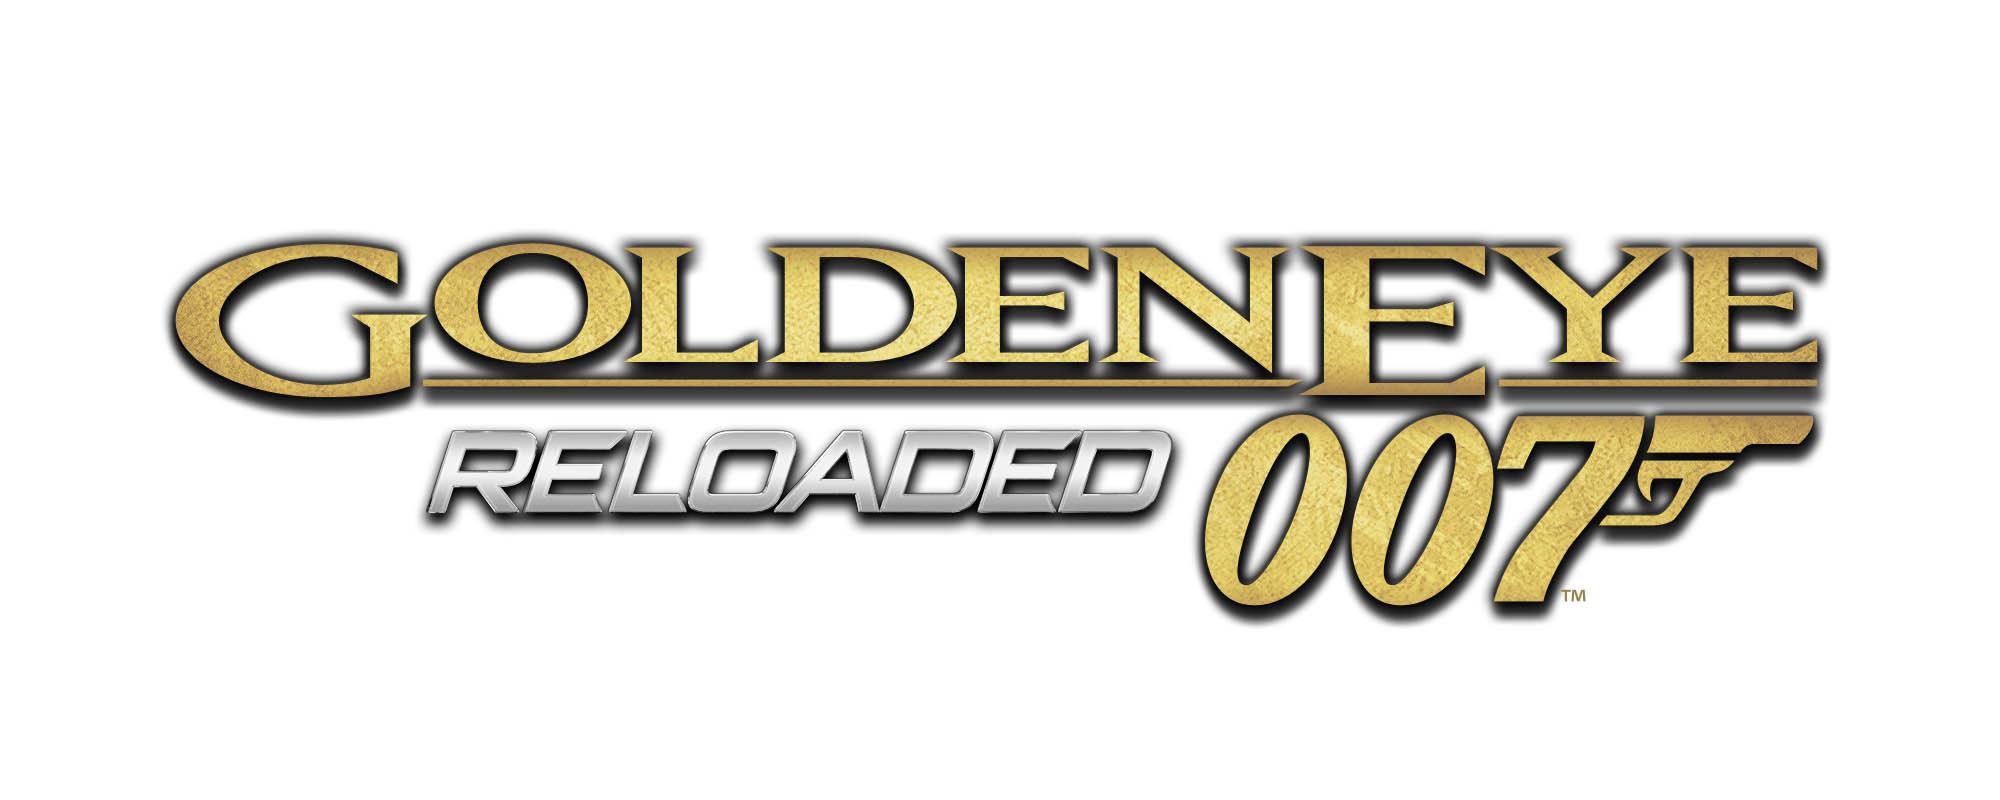 GoldenEye 007 Re...007 Logo White